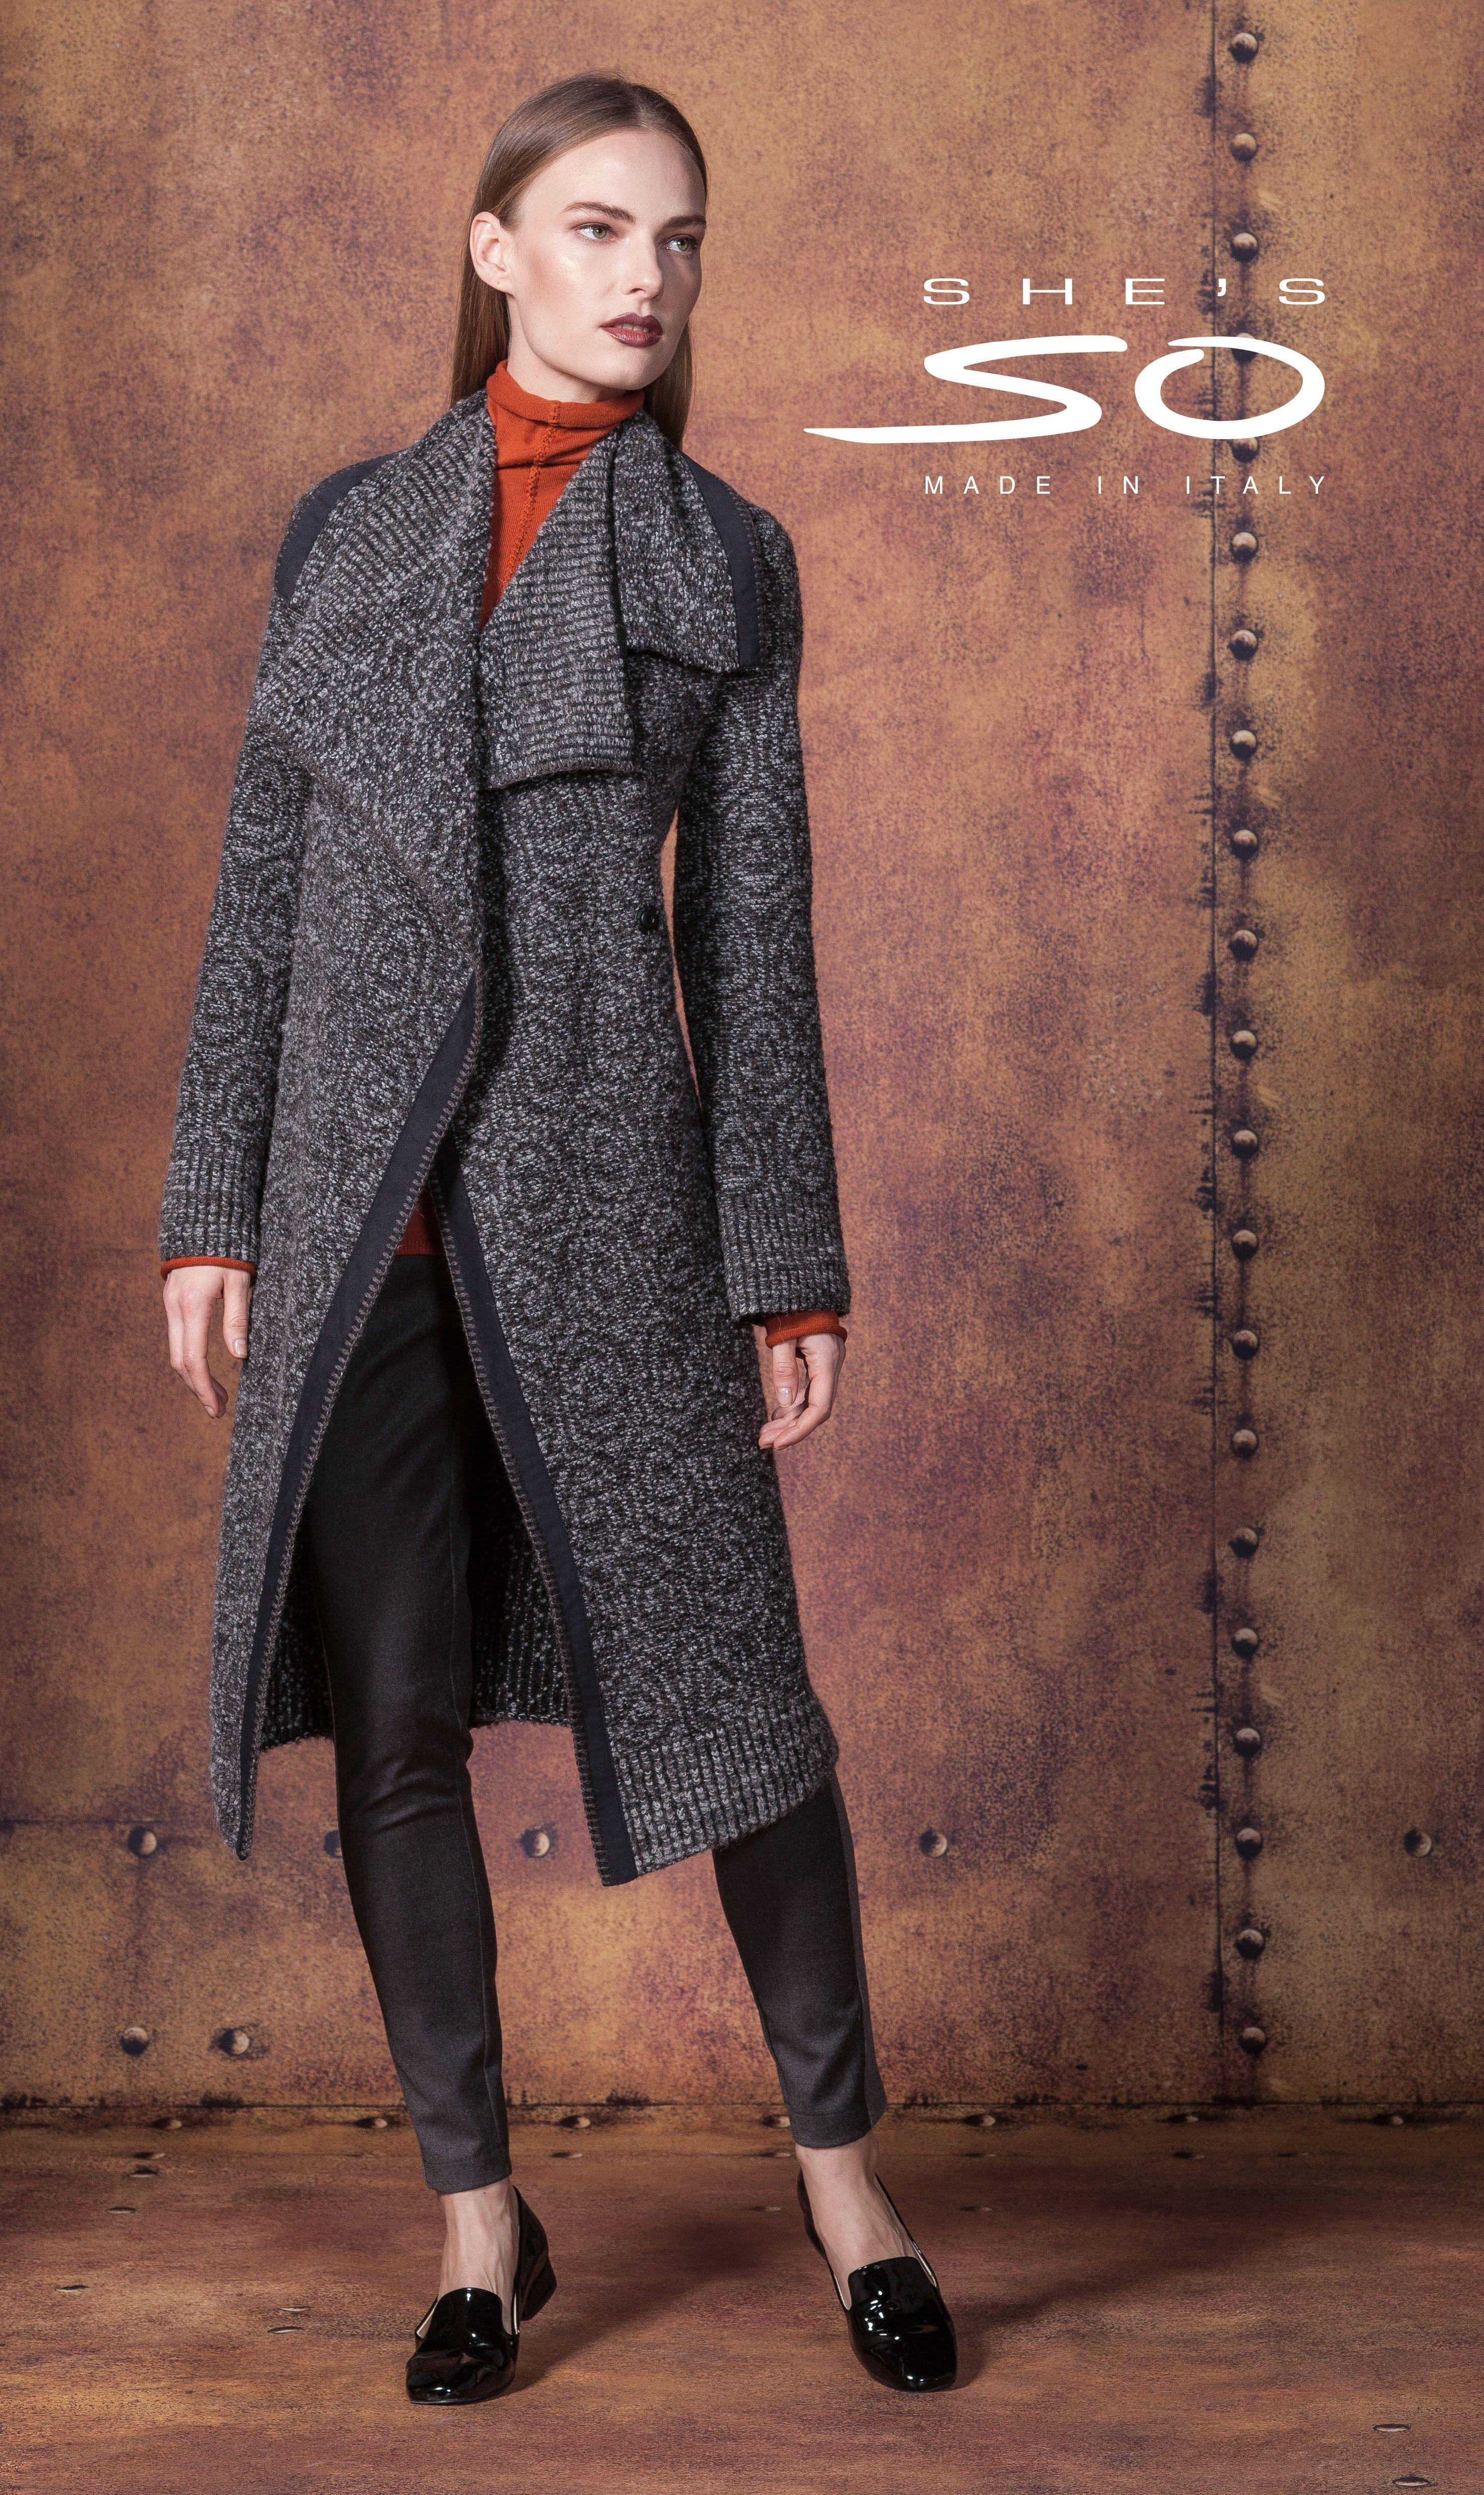 ad0aec3eb55f1d She's So knitwear collection #knitwear #fashion Moda Maglieria, Italia,  Giacche, Moda